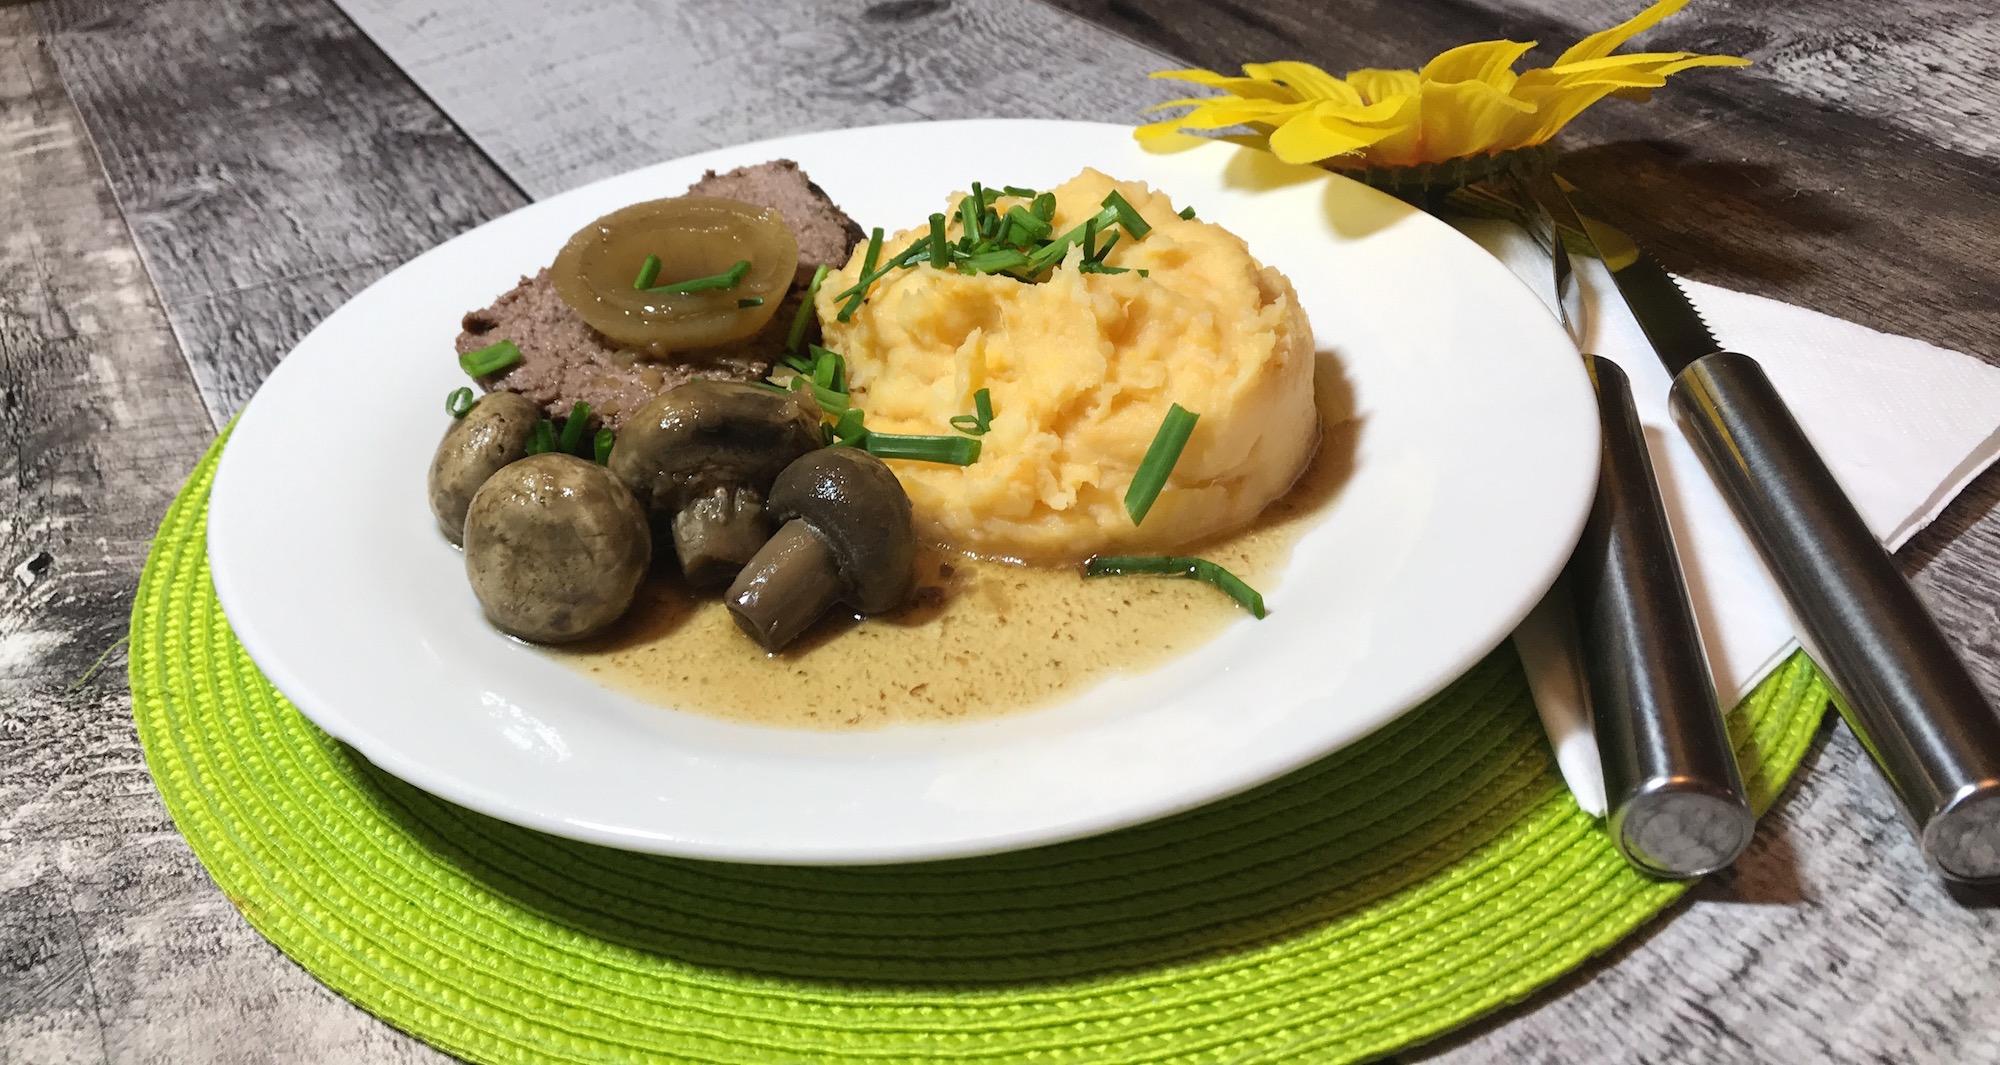 Filet Boeuf aux Champignons